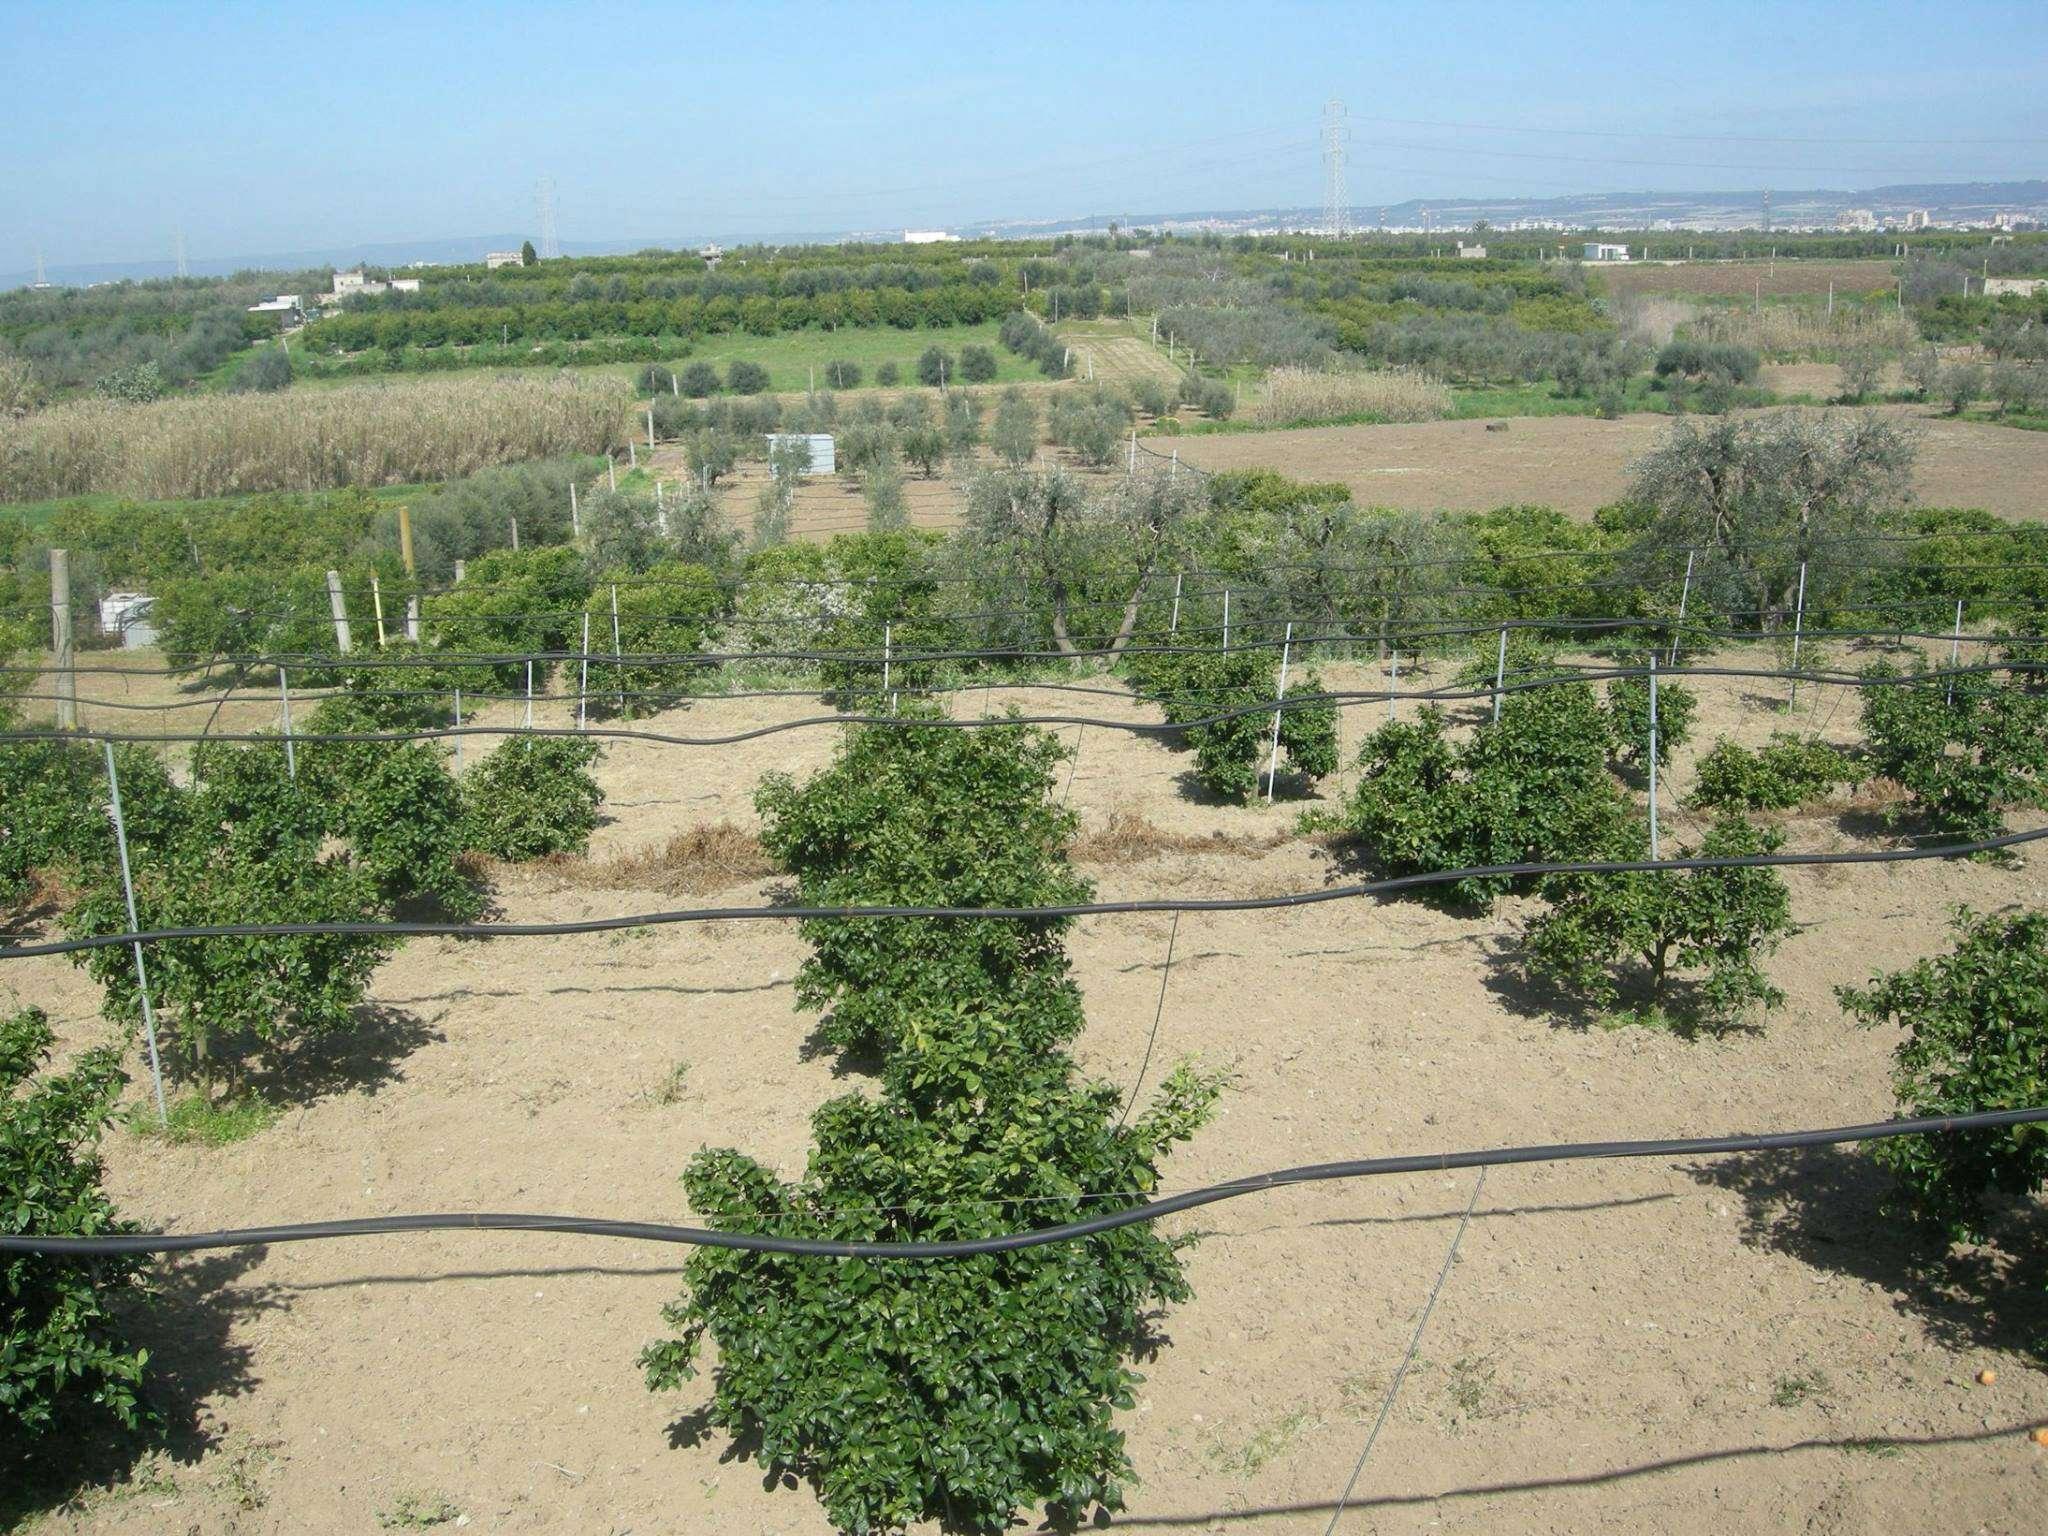 Terreno Agricolo in vendita a Massafra, 9999 locali, prezzo € 18.000 | CambioCasa.it